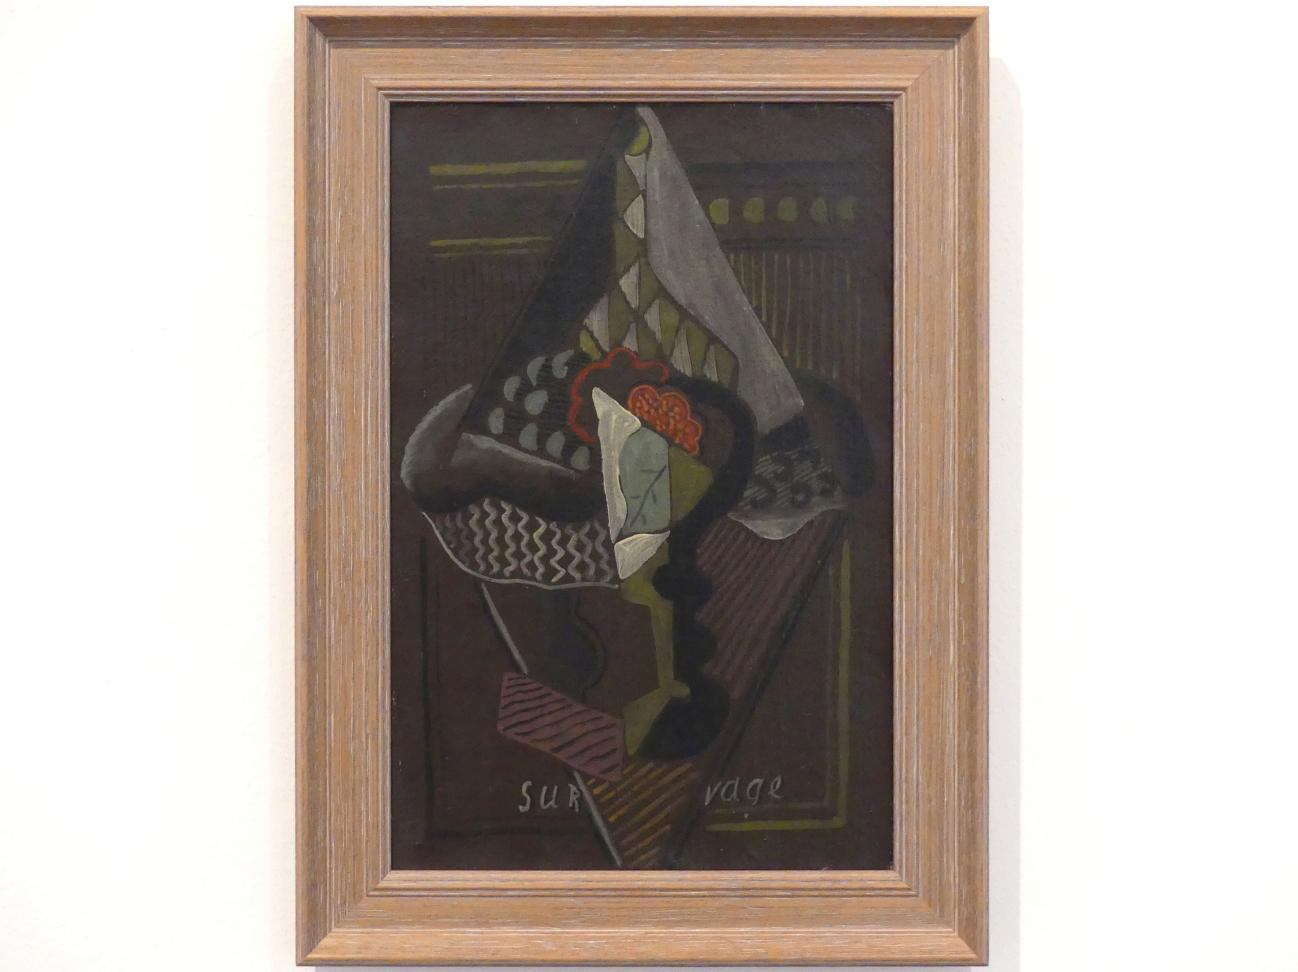 Léopold Survage: Kubistische Komposition, vor 1919